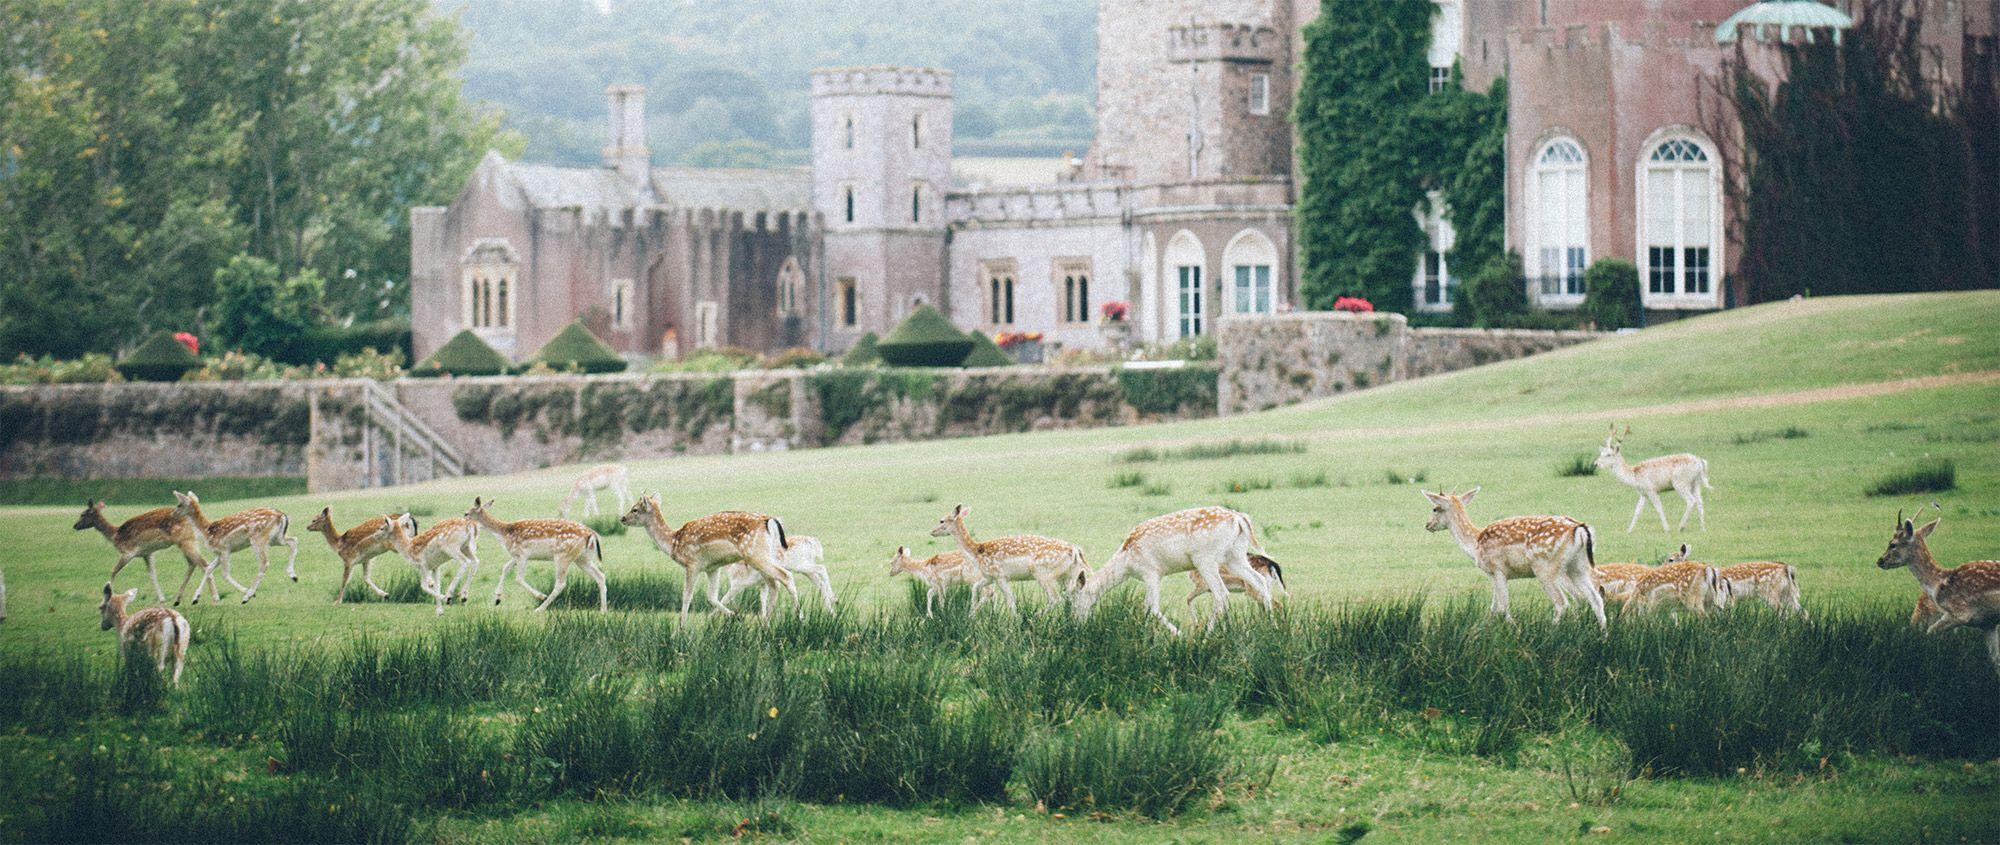 Powderham Deer Park